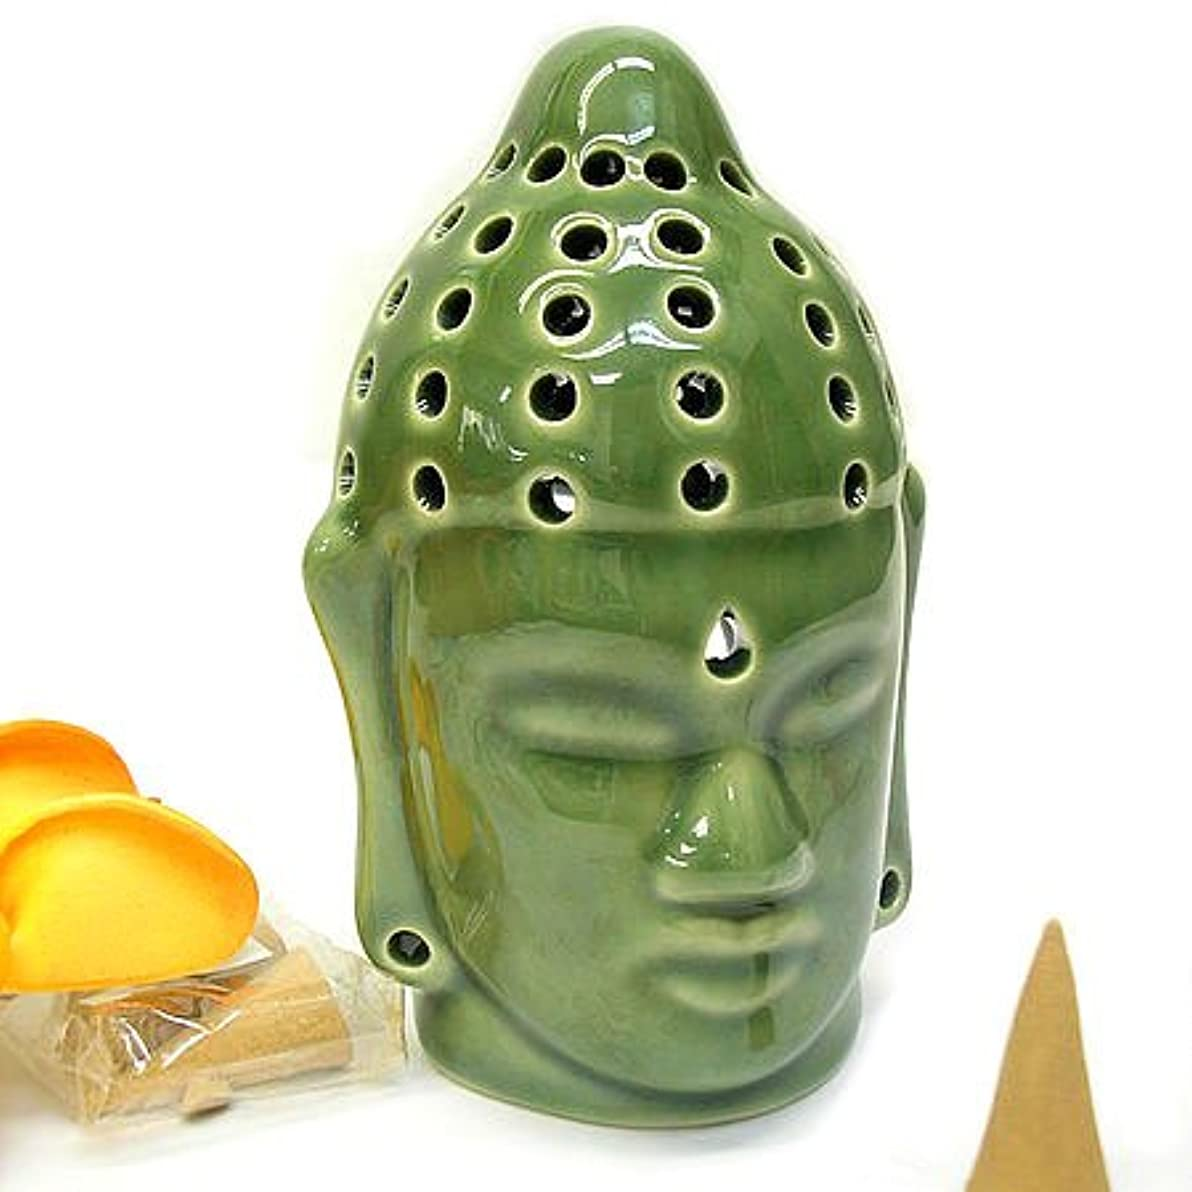 拡張漁師リハーサル仏陀の お香たて 香炉 コーン用 緑 インセンスホルダー コーン用 お香立て お香たて アジアン雑貨 バリ雑貨